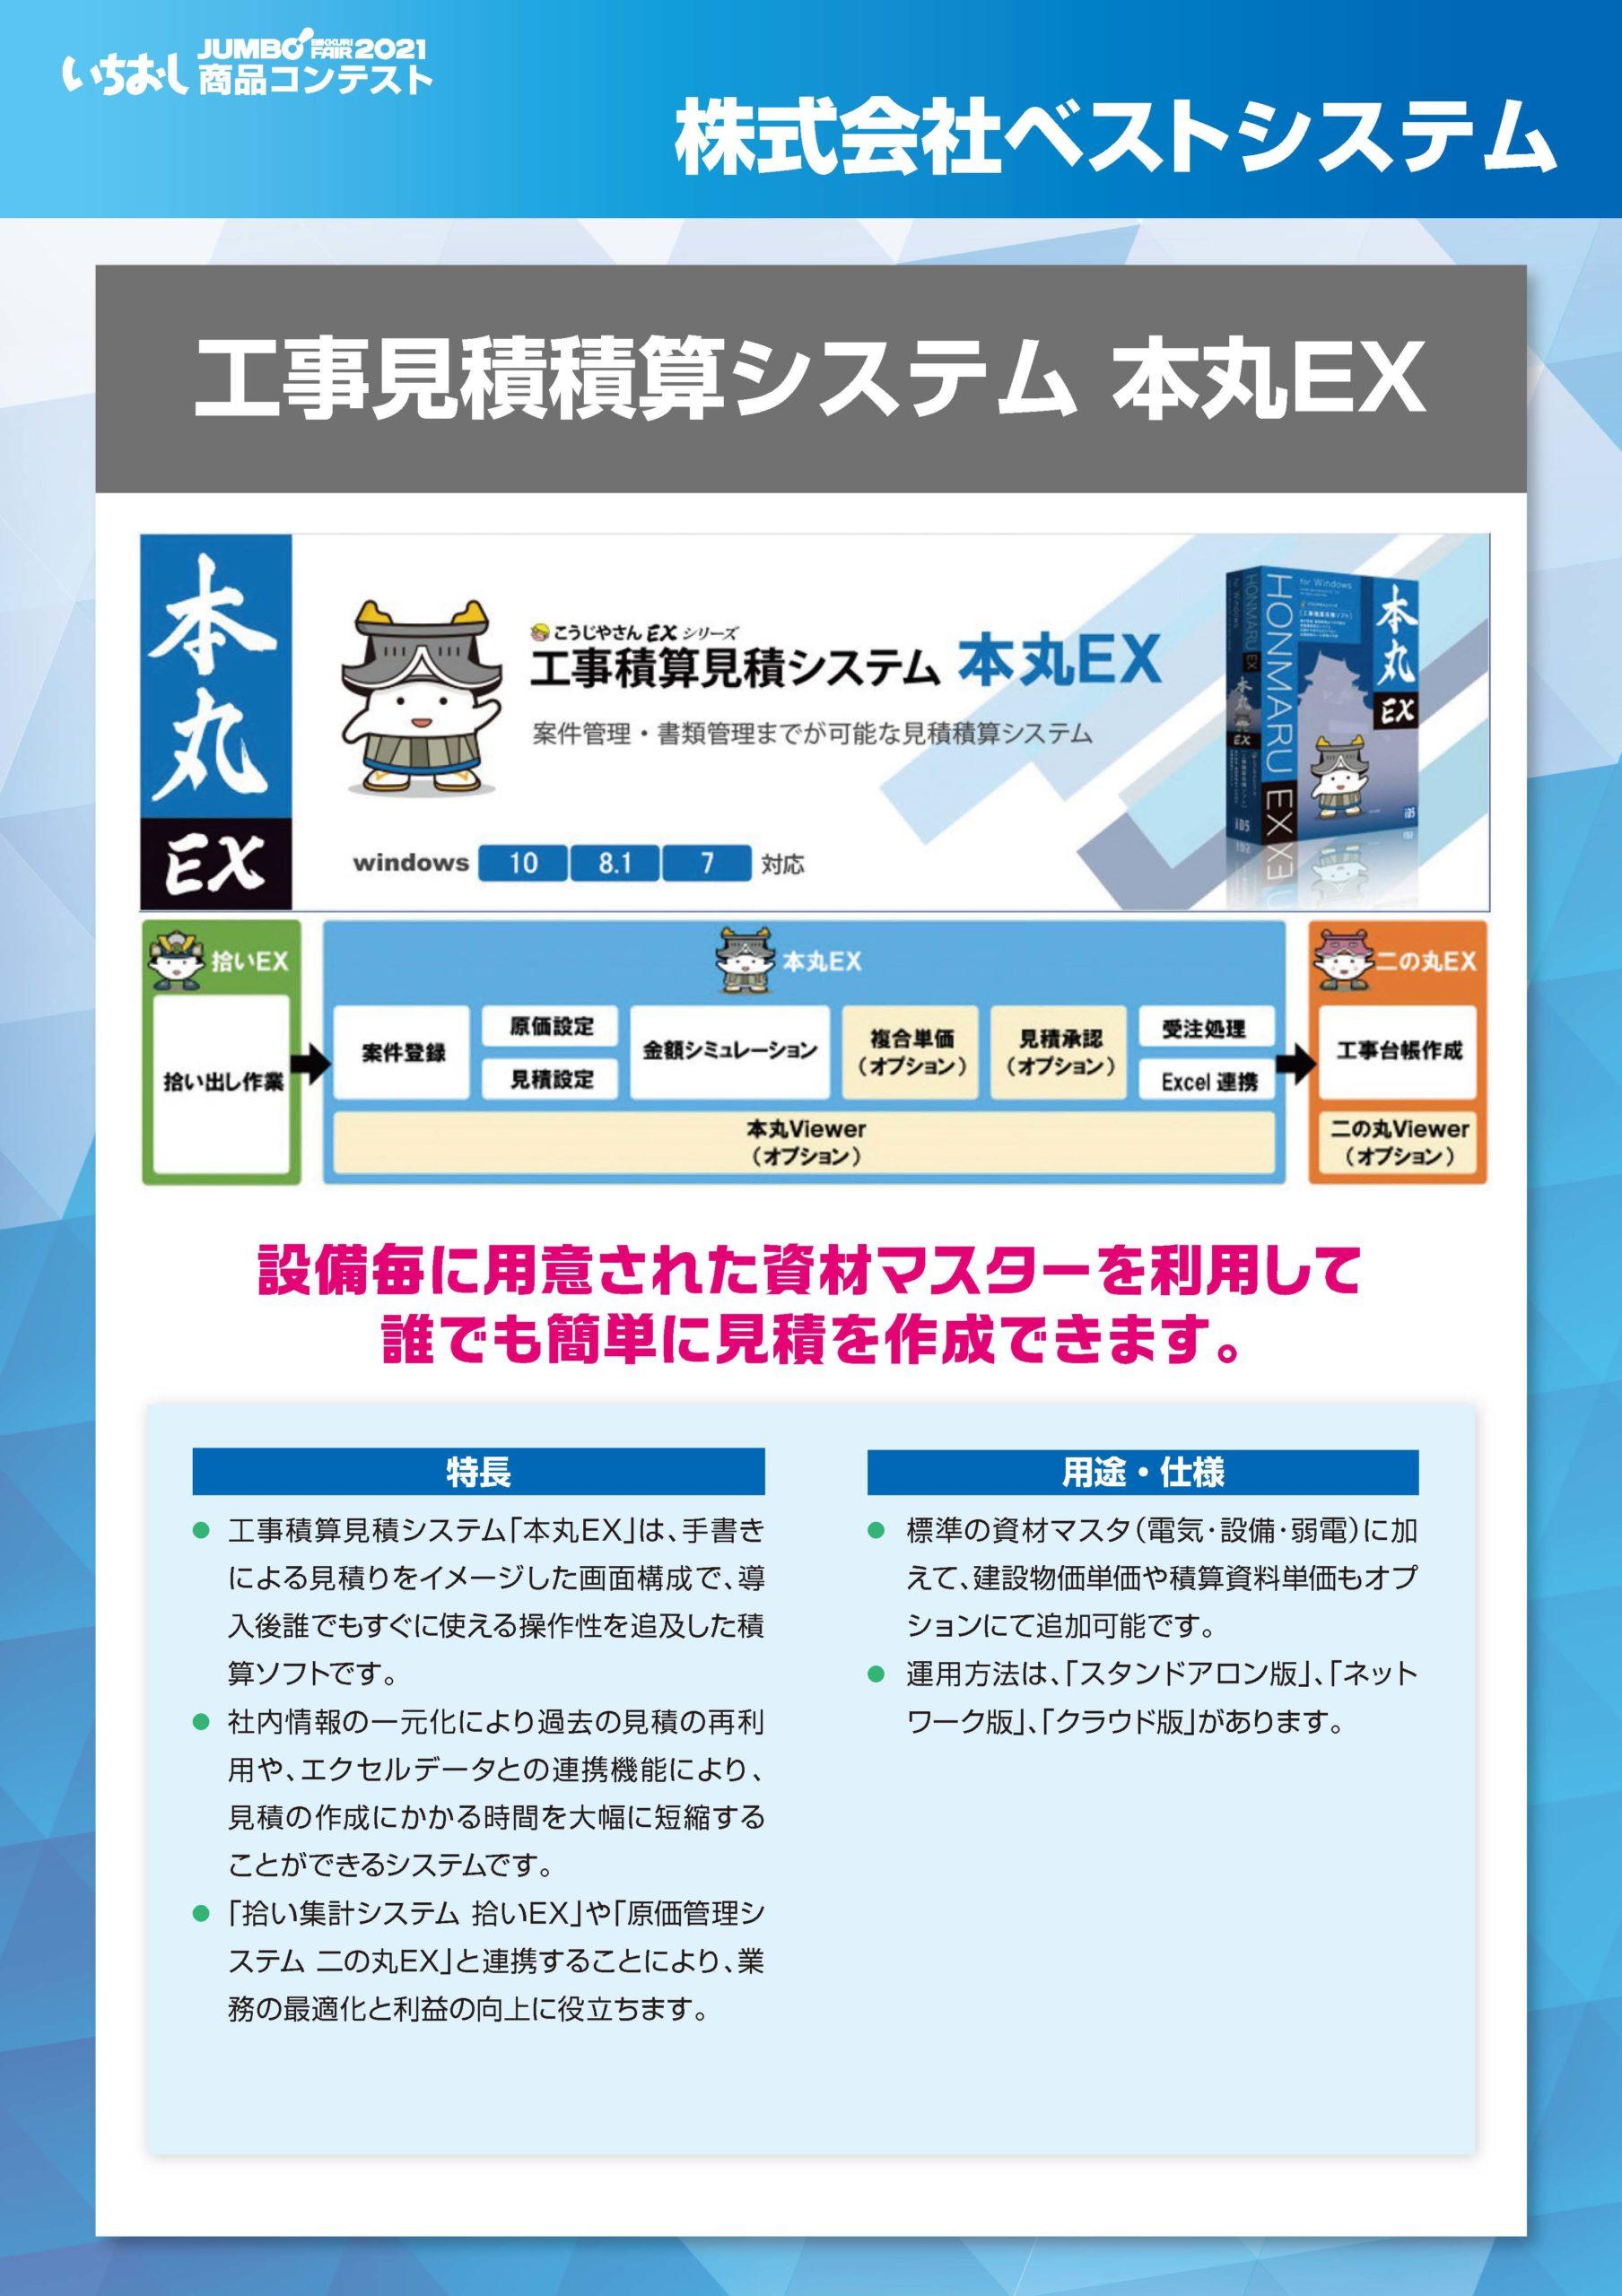 「工事見積積算システム 本丸EX」株式会社ベストシステムの画像